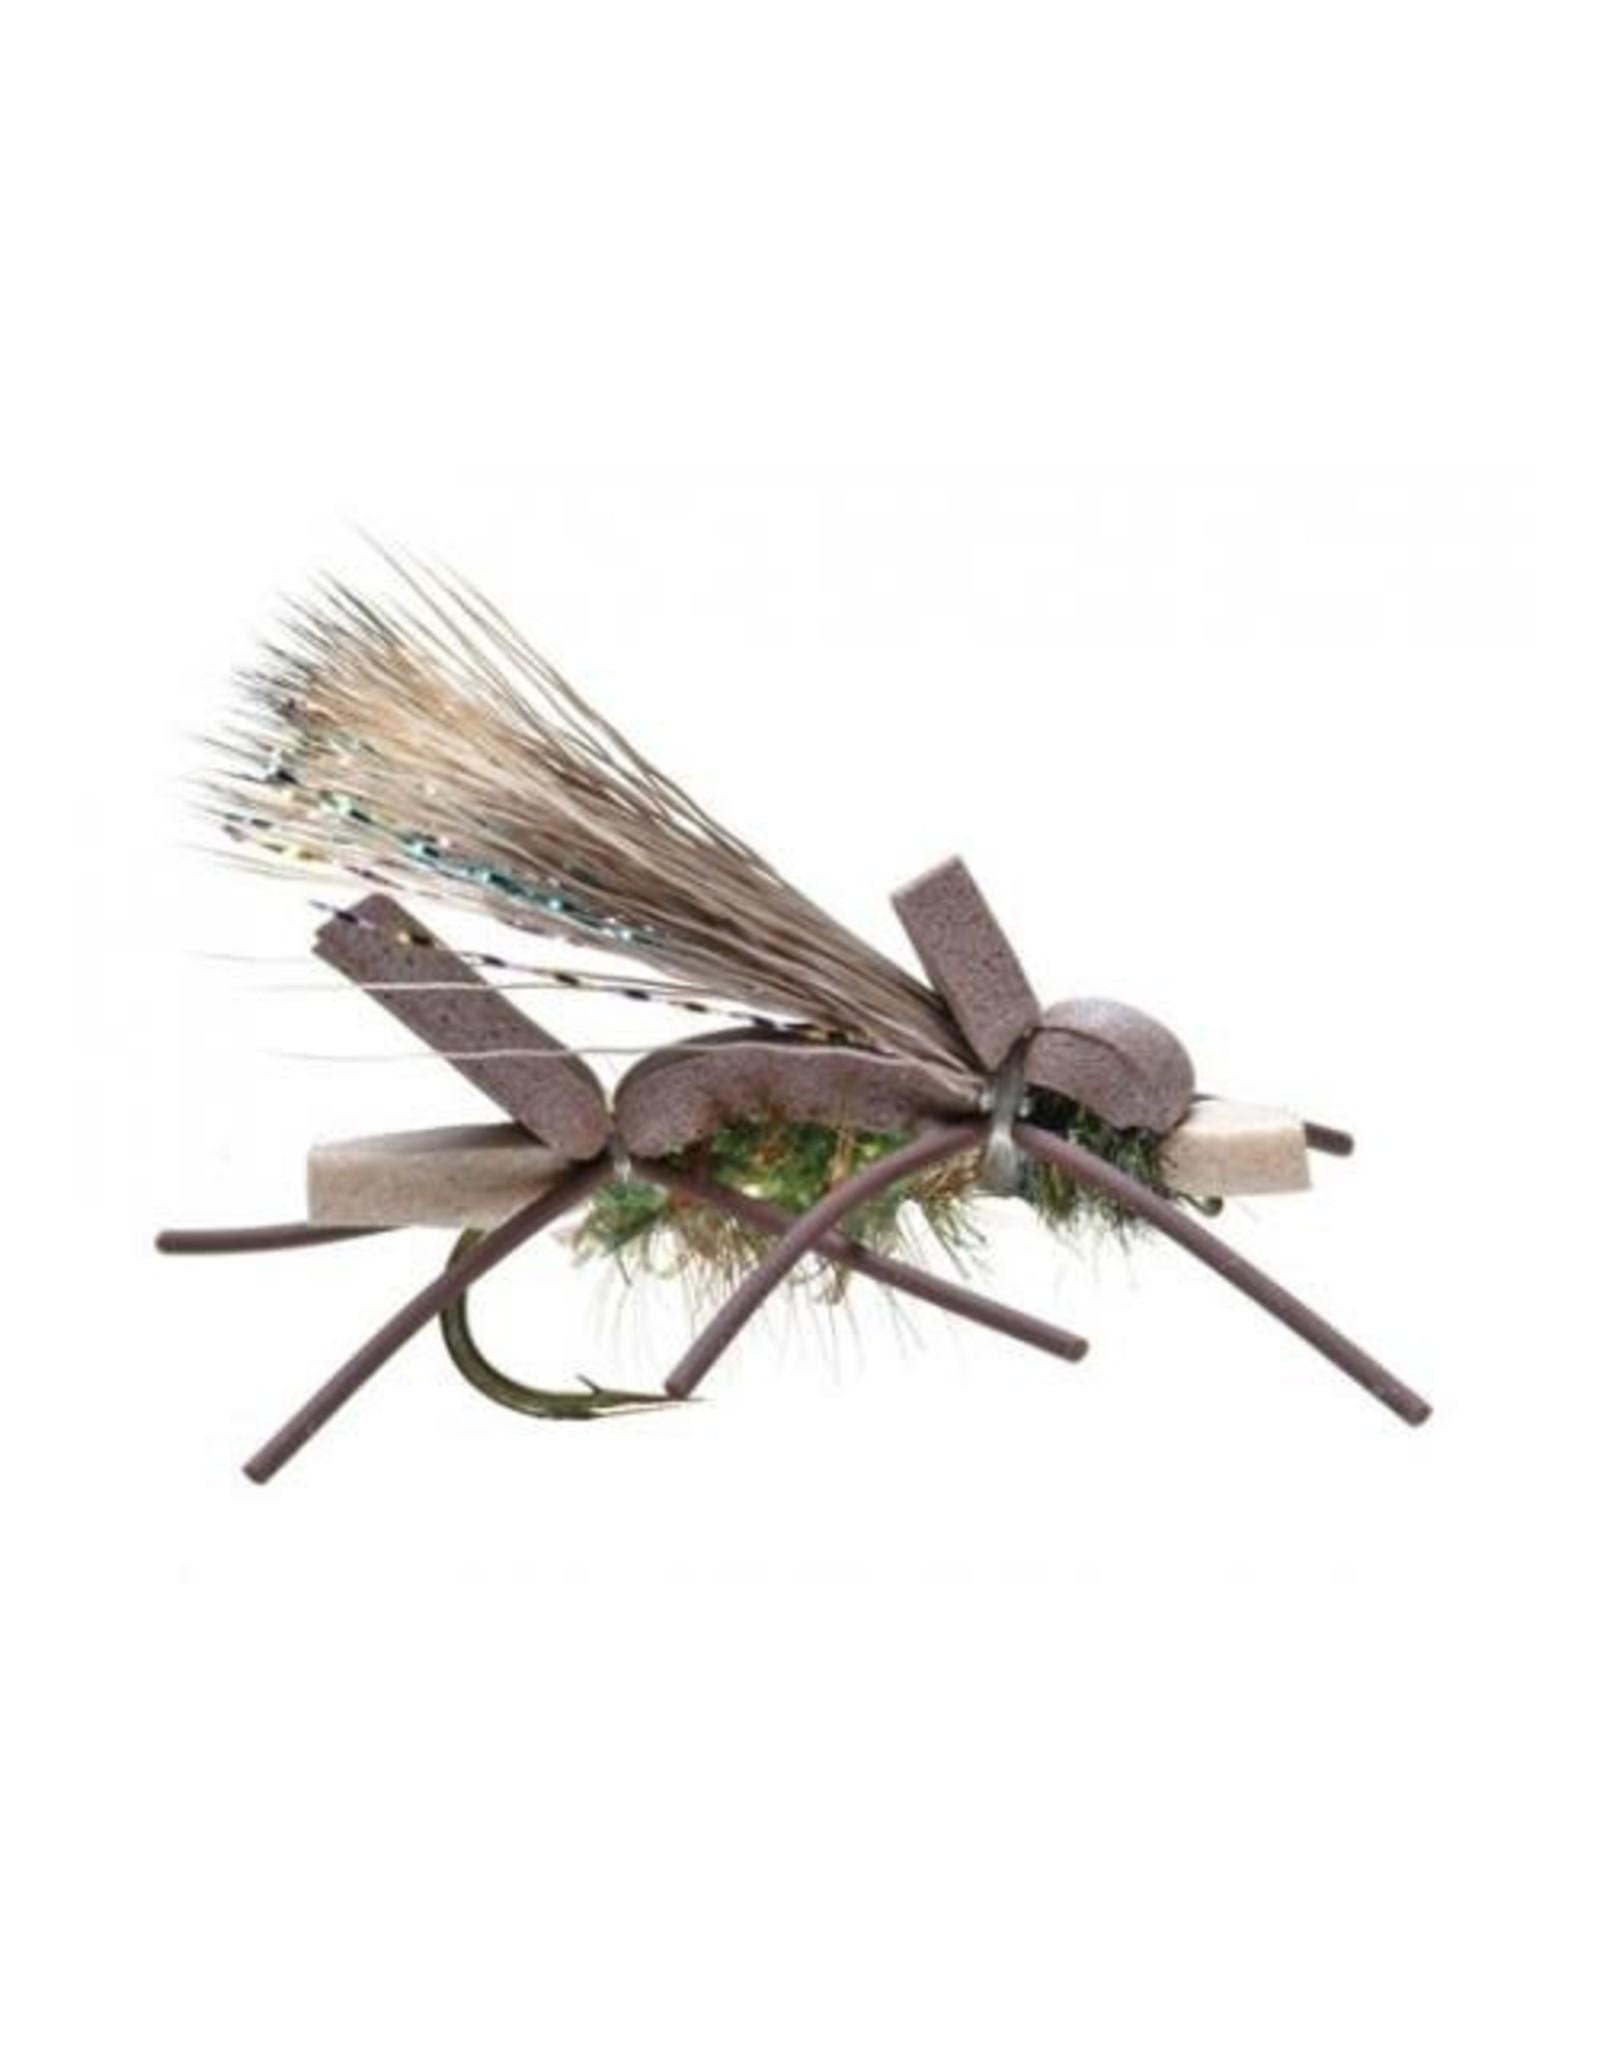 Umpqua Amy's Ant (3 Pack)